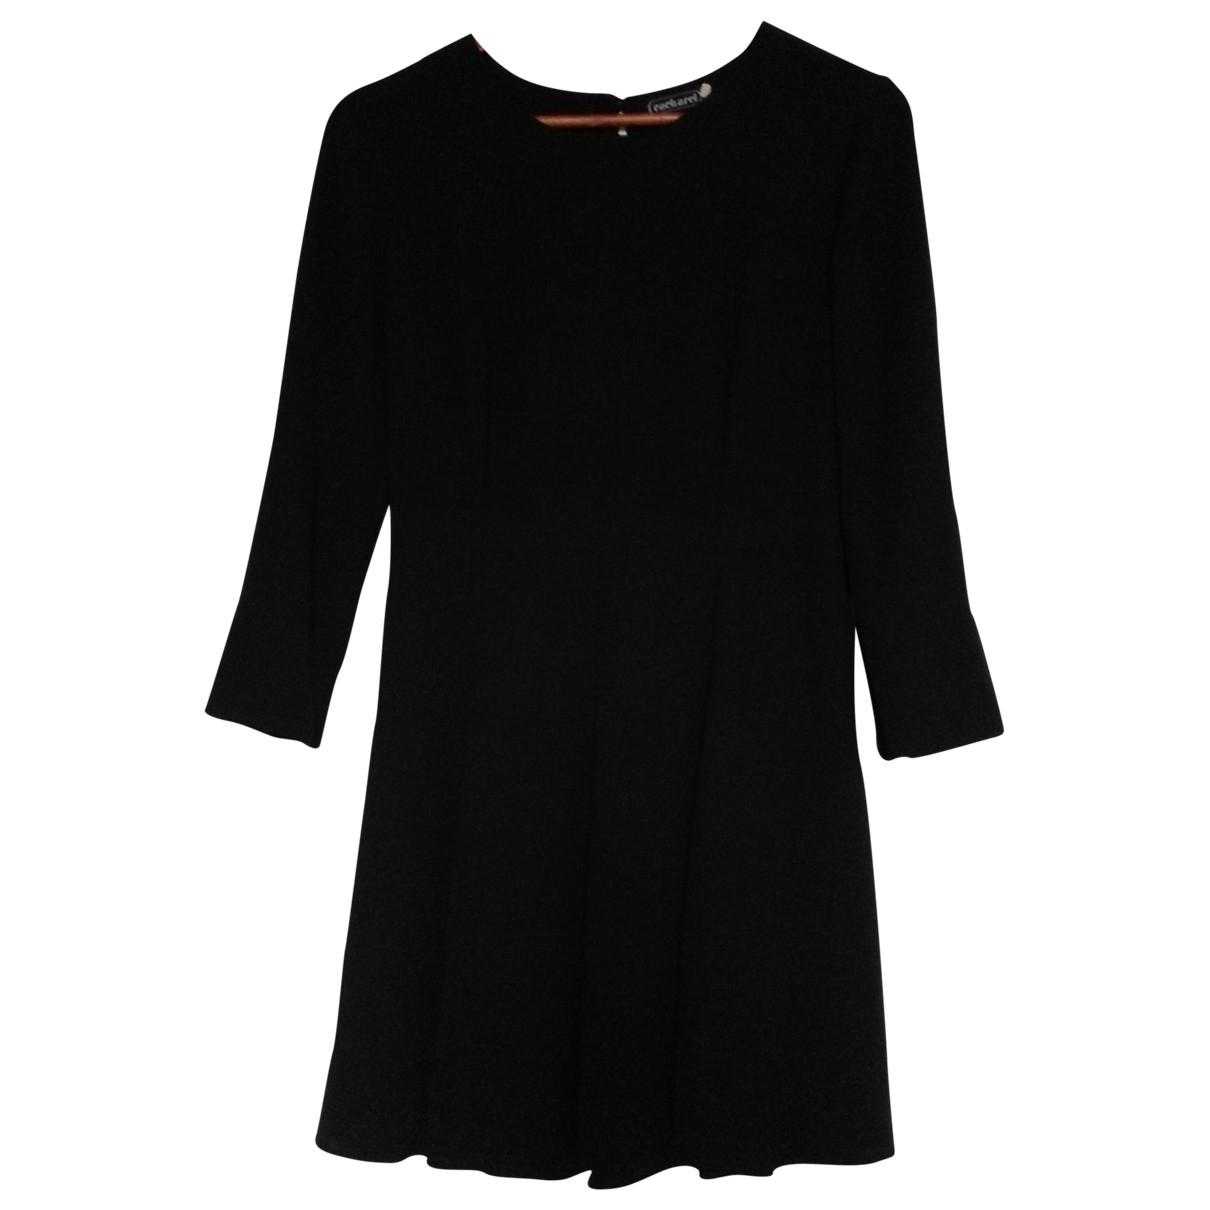 Cacharel \N Black dress for Women M International